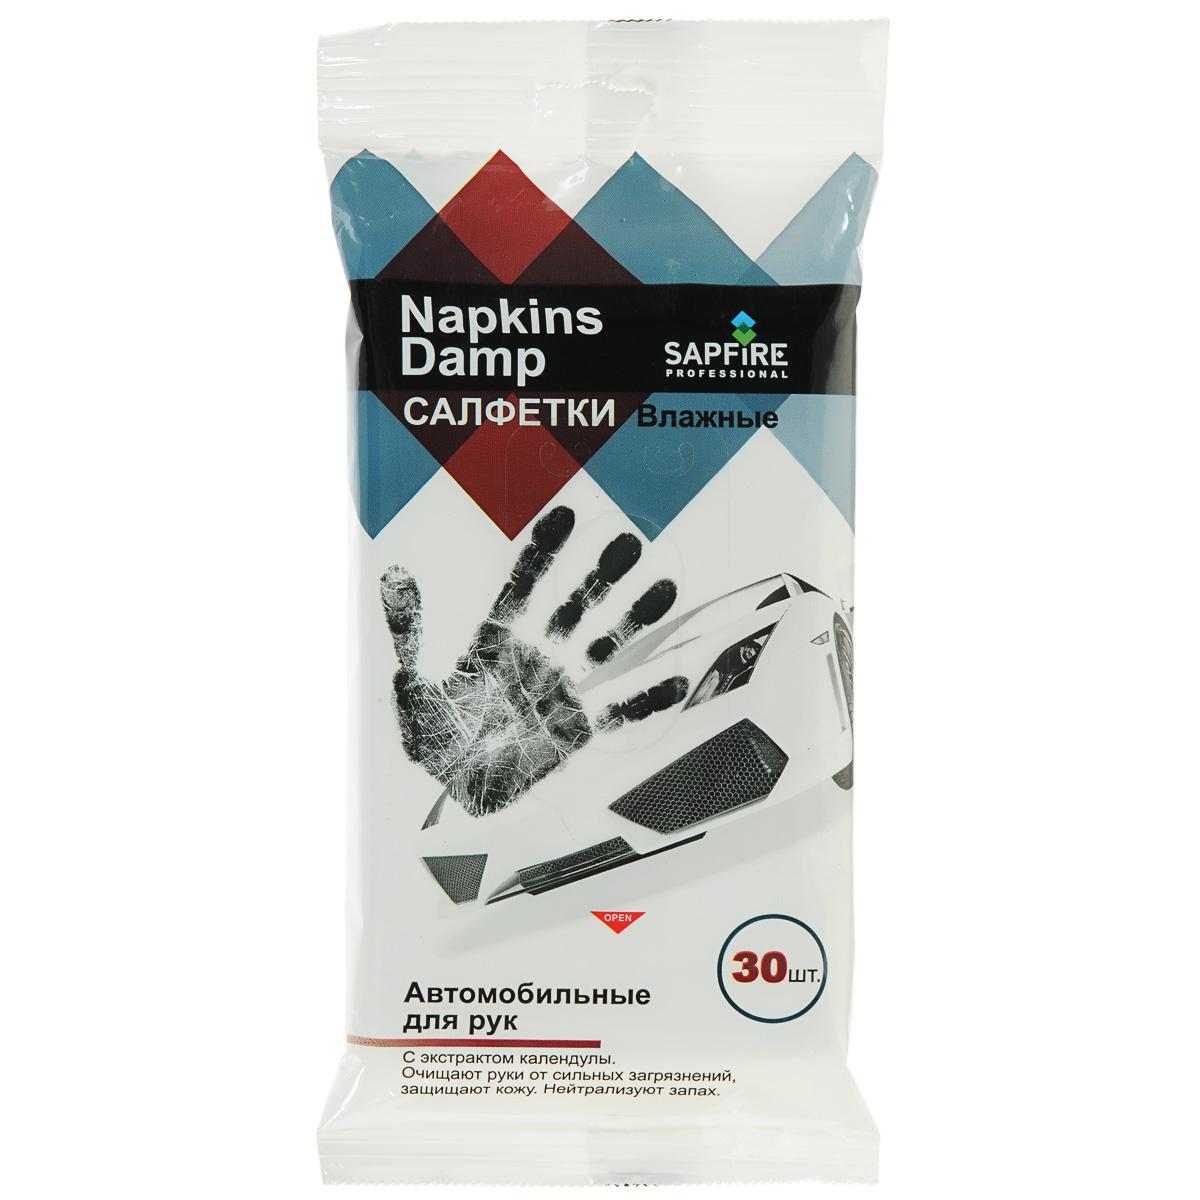 Салфетки влажные Sapfire для рук, 30 шт0805-SOGСалфетки влажные Sapfire изготовлены из мягкого нетканого материала с высоким уровнем абсорбции. Пропитаны специальным очищающим лосьоном. Легко удаляют с рук любые, в том числе технические, загрязнения. Незаменимы в автомобиле при повседневном использовании. Нейтрализуют запах.Состав: деминерализованная вода, пропиленгликоль, феноксиэтанол, кокоглюкозит, метилпарабен, этилпарабен, дисодиум, кокоил глютамат, пропилпарабен, йодопропинил бутилкарбамат, парфюмерная композиция, экстракт календулы.